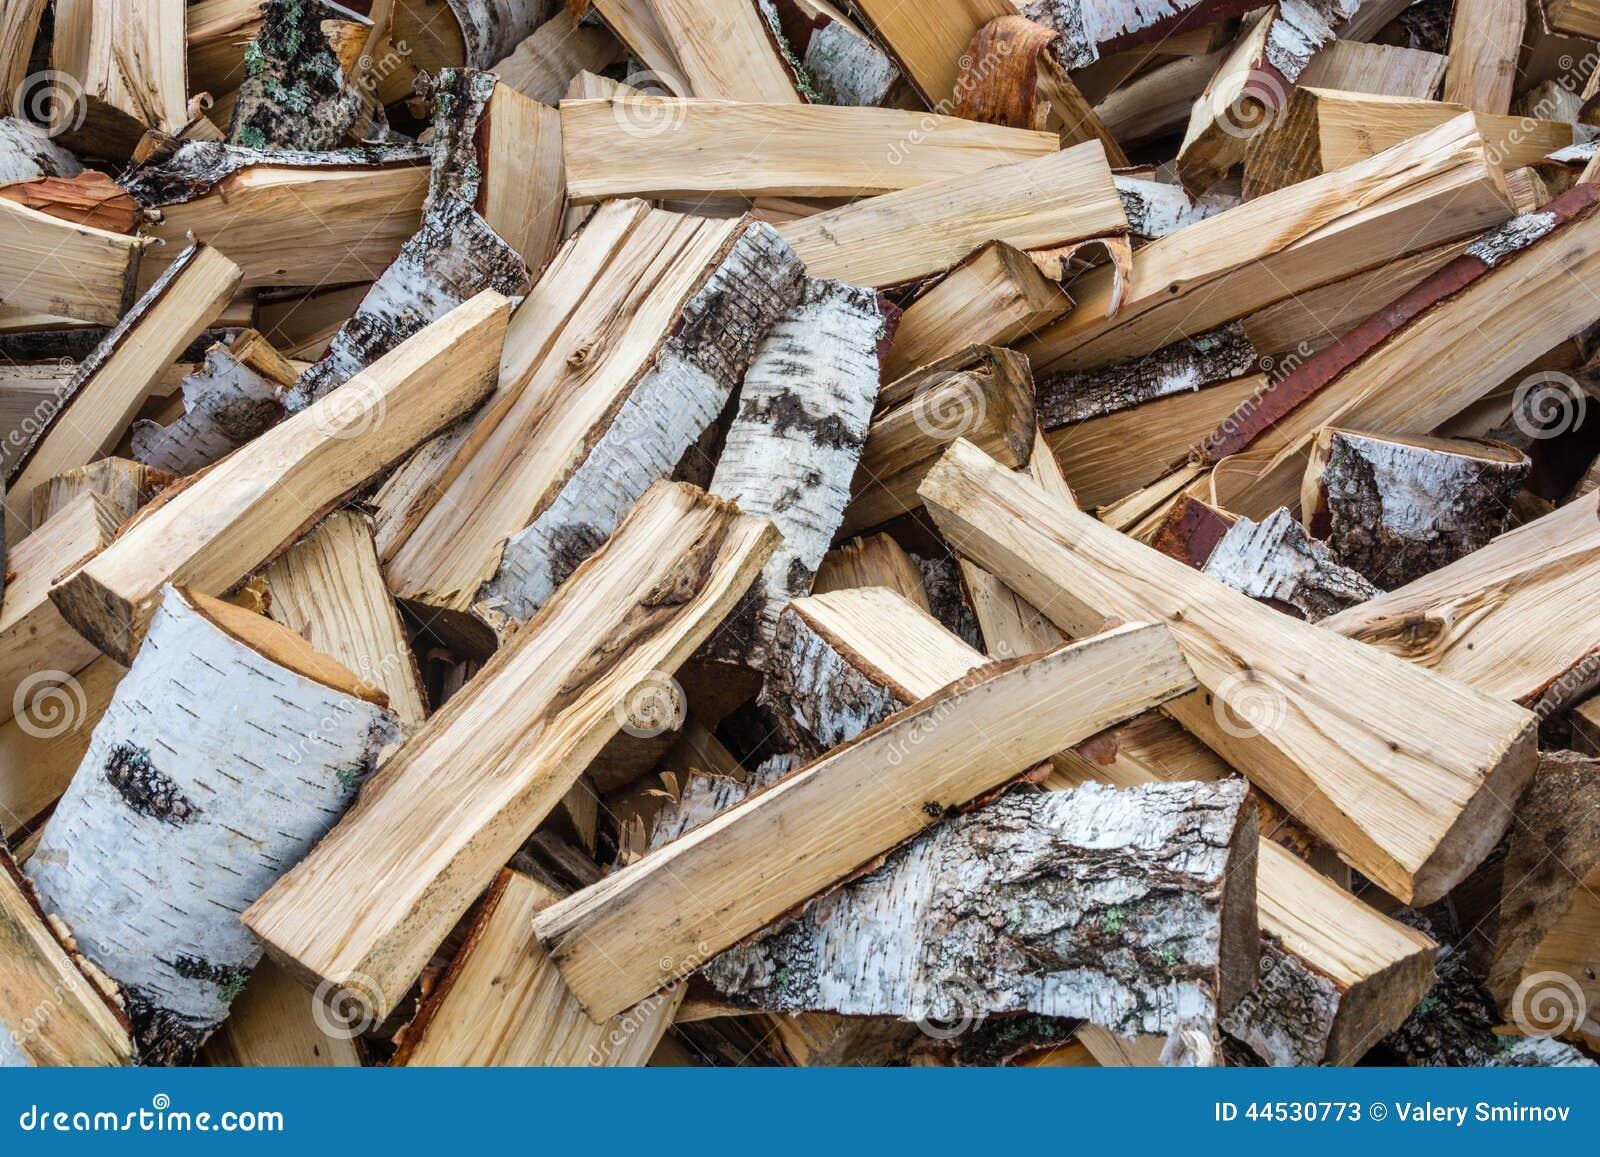 bois de chauffage fendu de bouleau image stock image du four texture 44530773. Black Bedroom Furniture Sets. Home Design Ideas